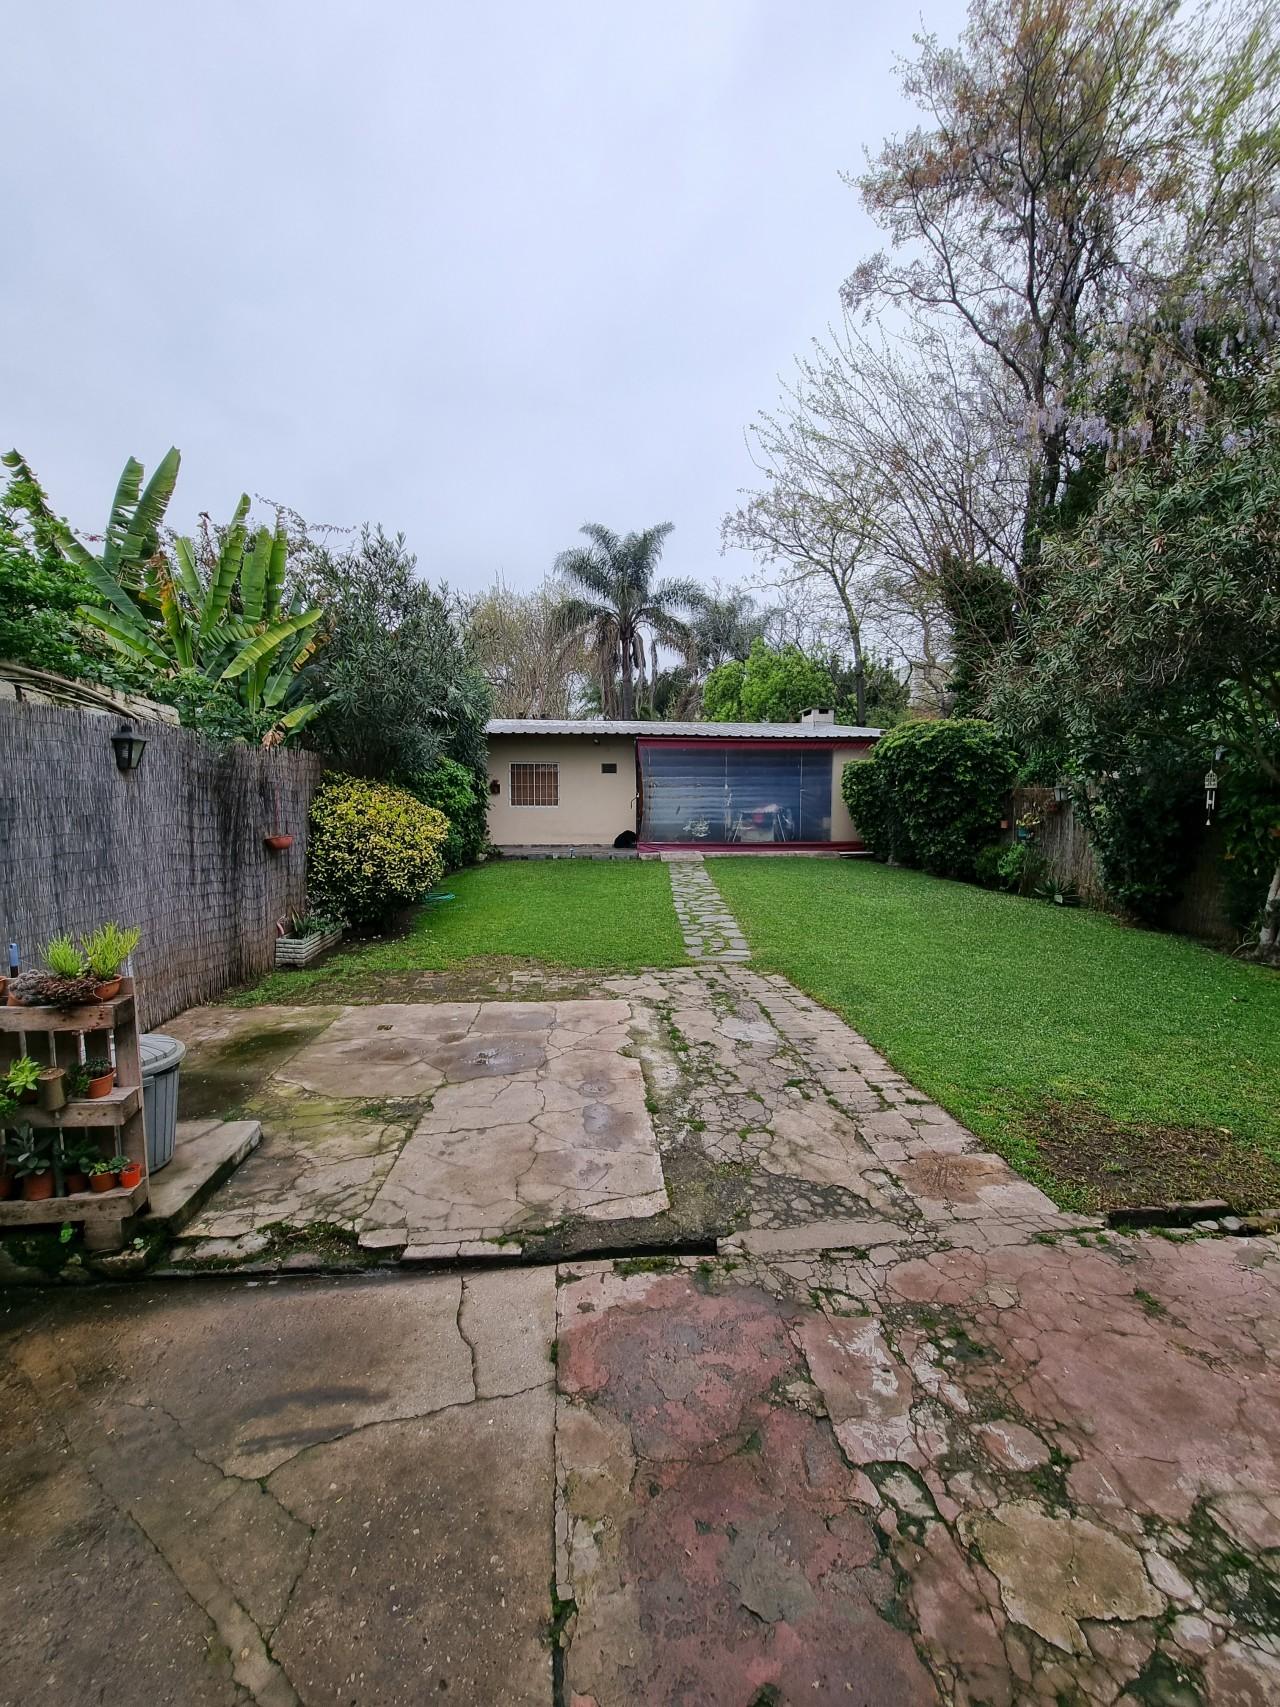 ### Excelente casa en venta - 3 dormitorios - Jose C Paz (jvg2531) ###